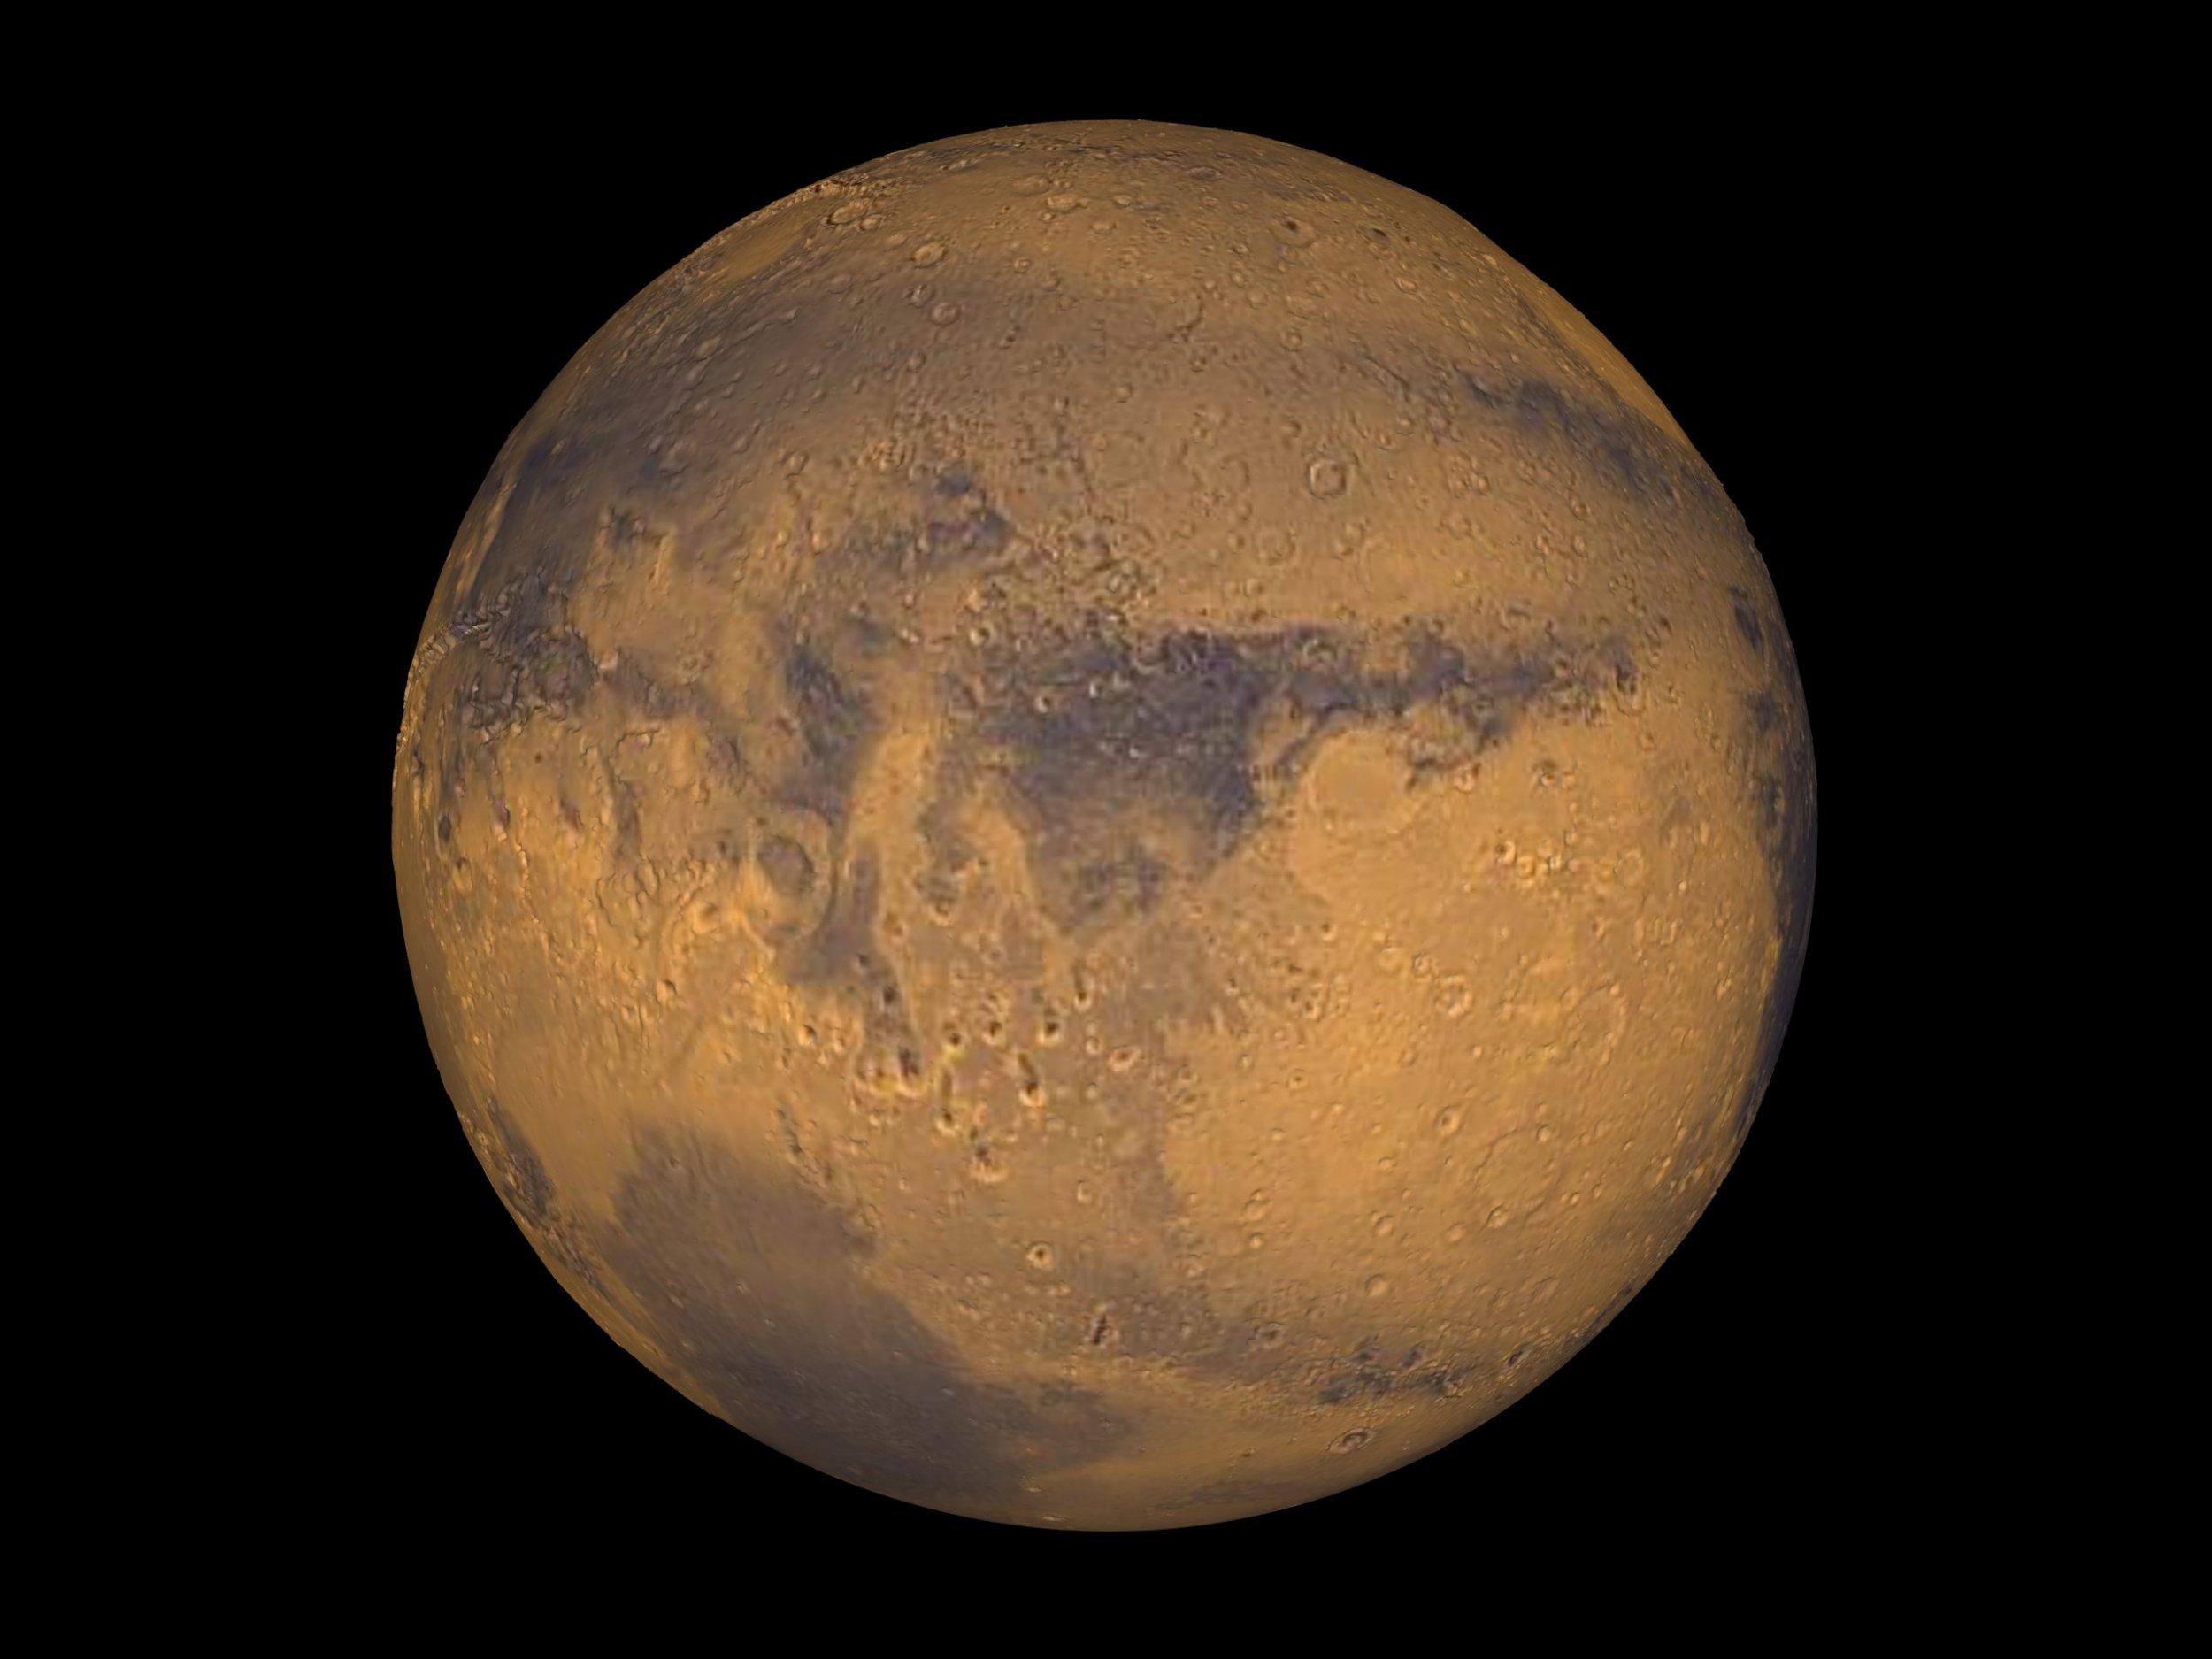 9-28-15 Mars